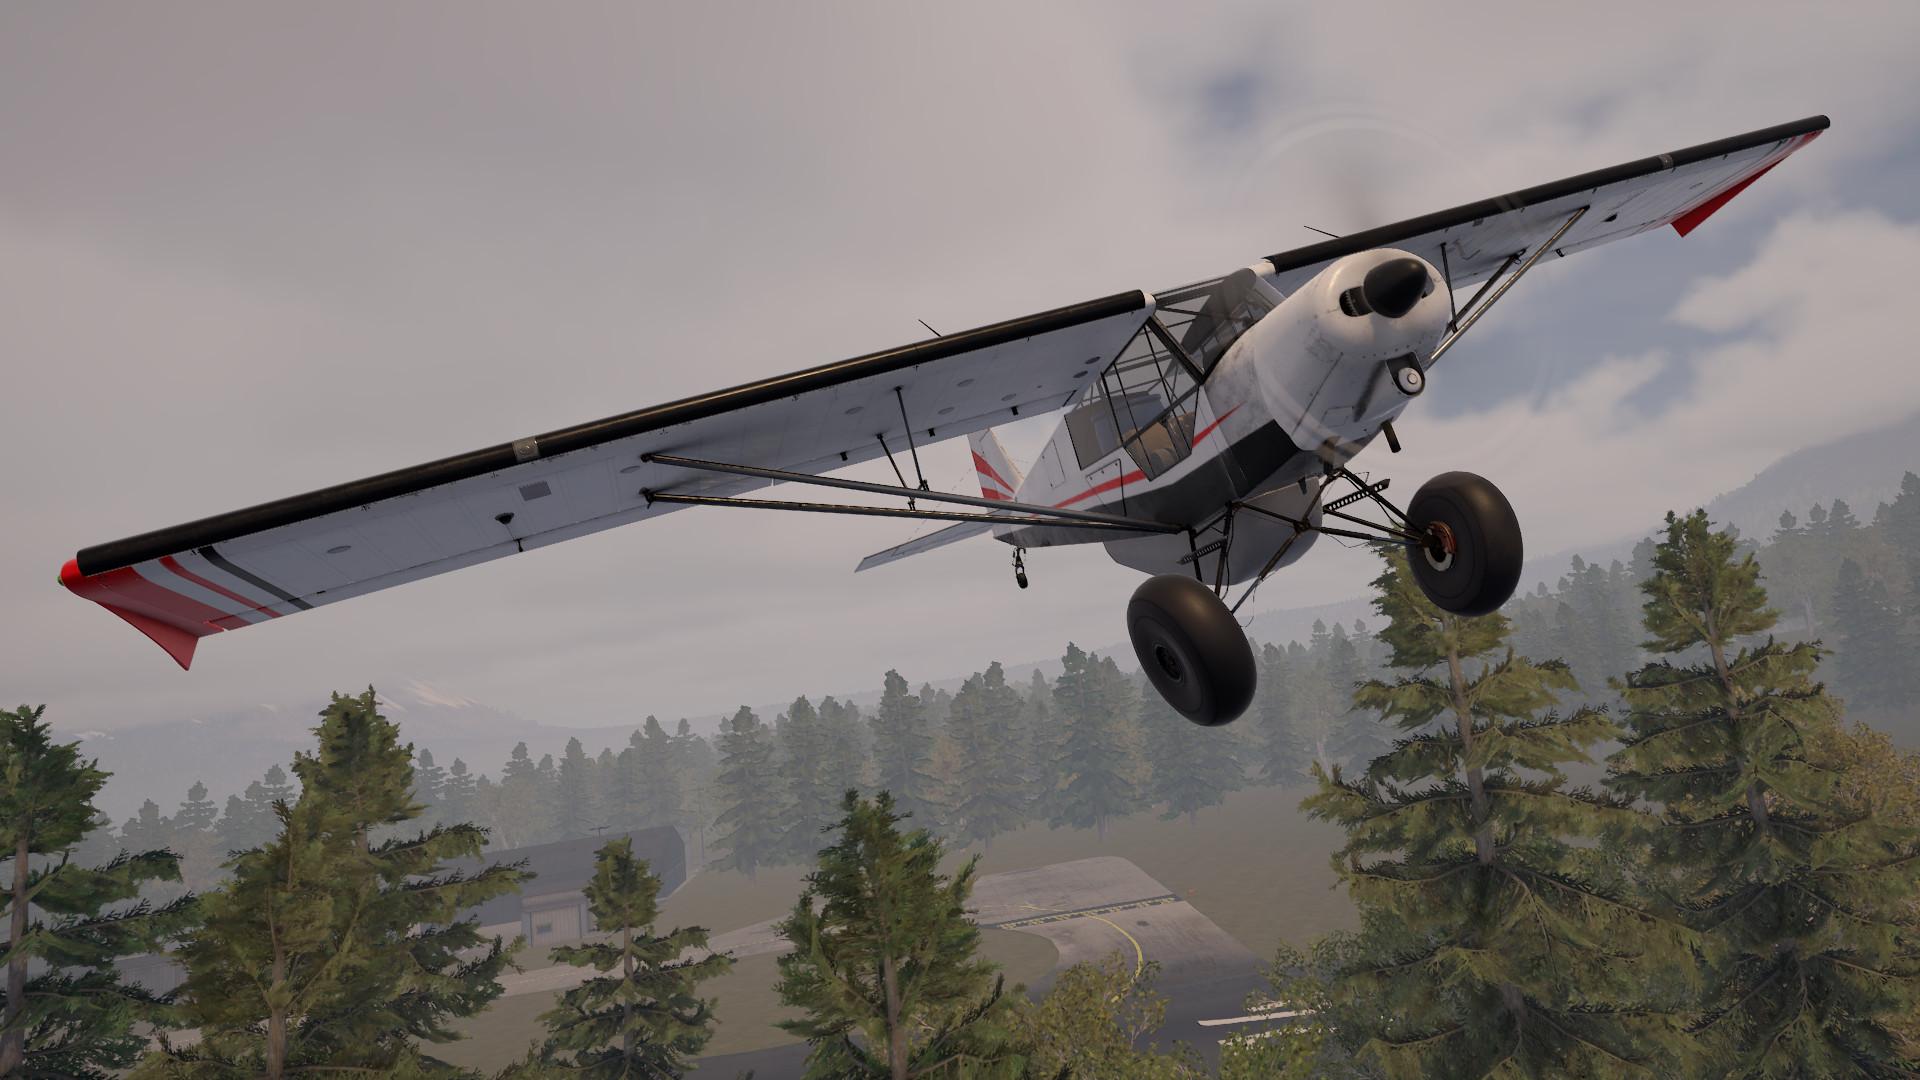 Deadstick - Bush Flight Simulator on Steam